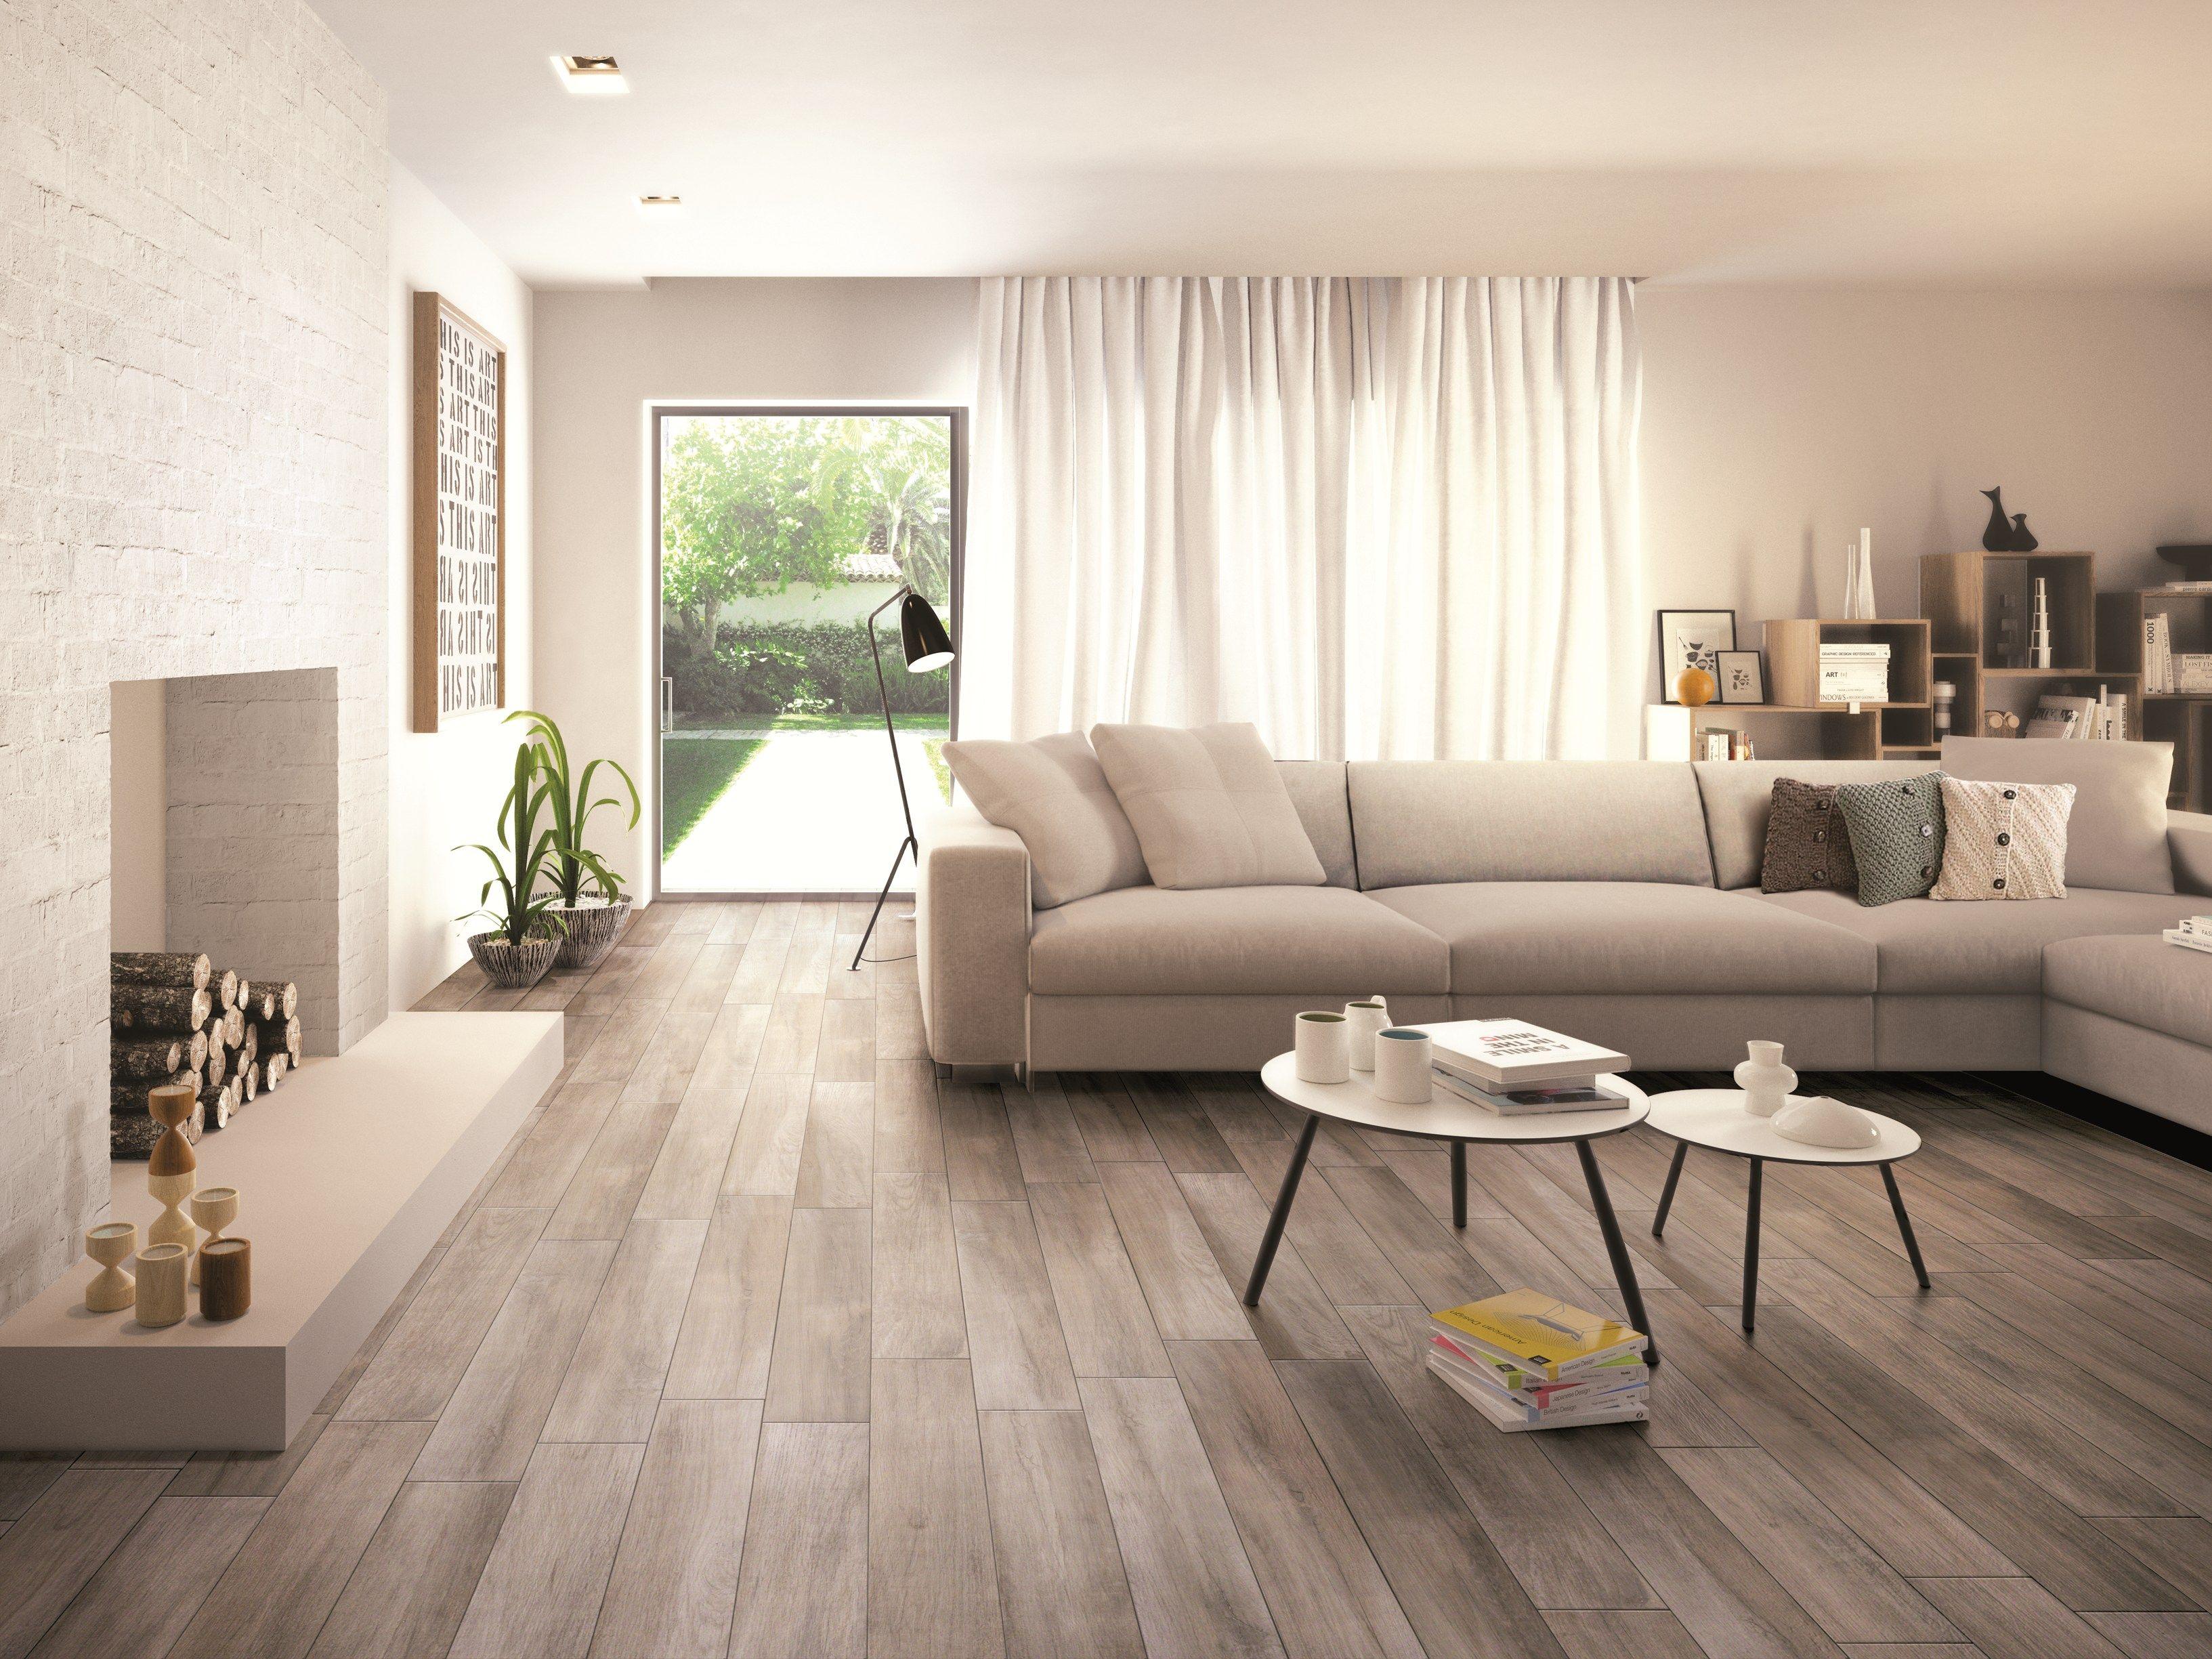 Modern Floor Tiles Design For Living Room Best Pavimento In Gres Porcellanato Smaltato Effetto Legno Treverkmood Decorating Inspiration